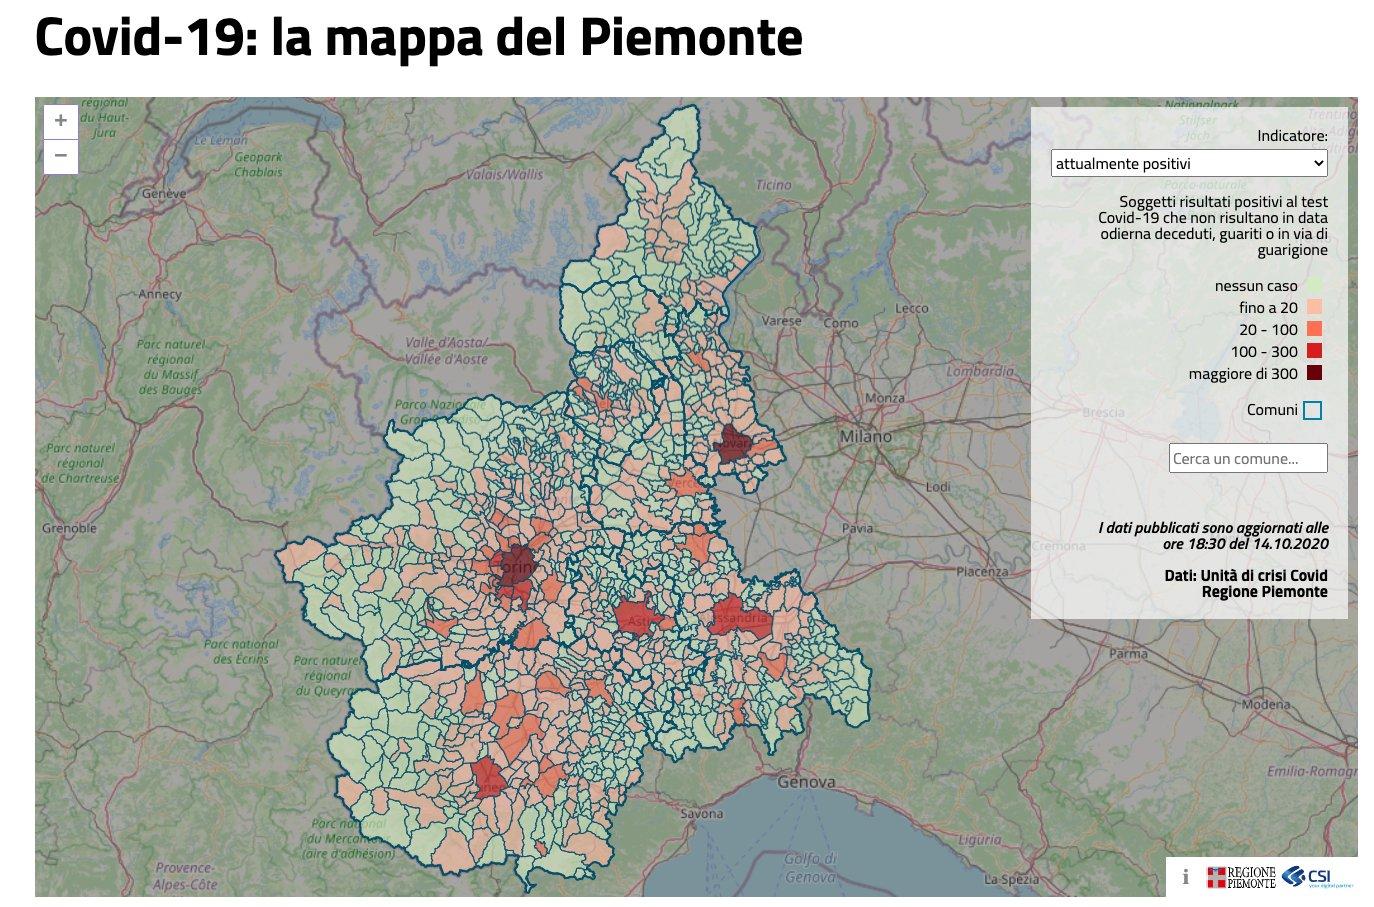 La Cartina Del Piemonte.Andrea Mignone On Twitter Covid 19 La Mappa Del Piemonte Https T Co 2k6j9nxlfl